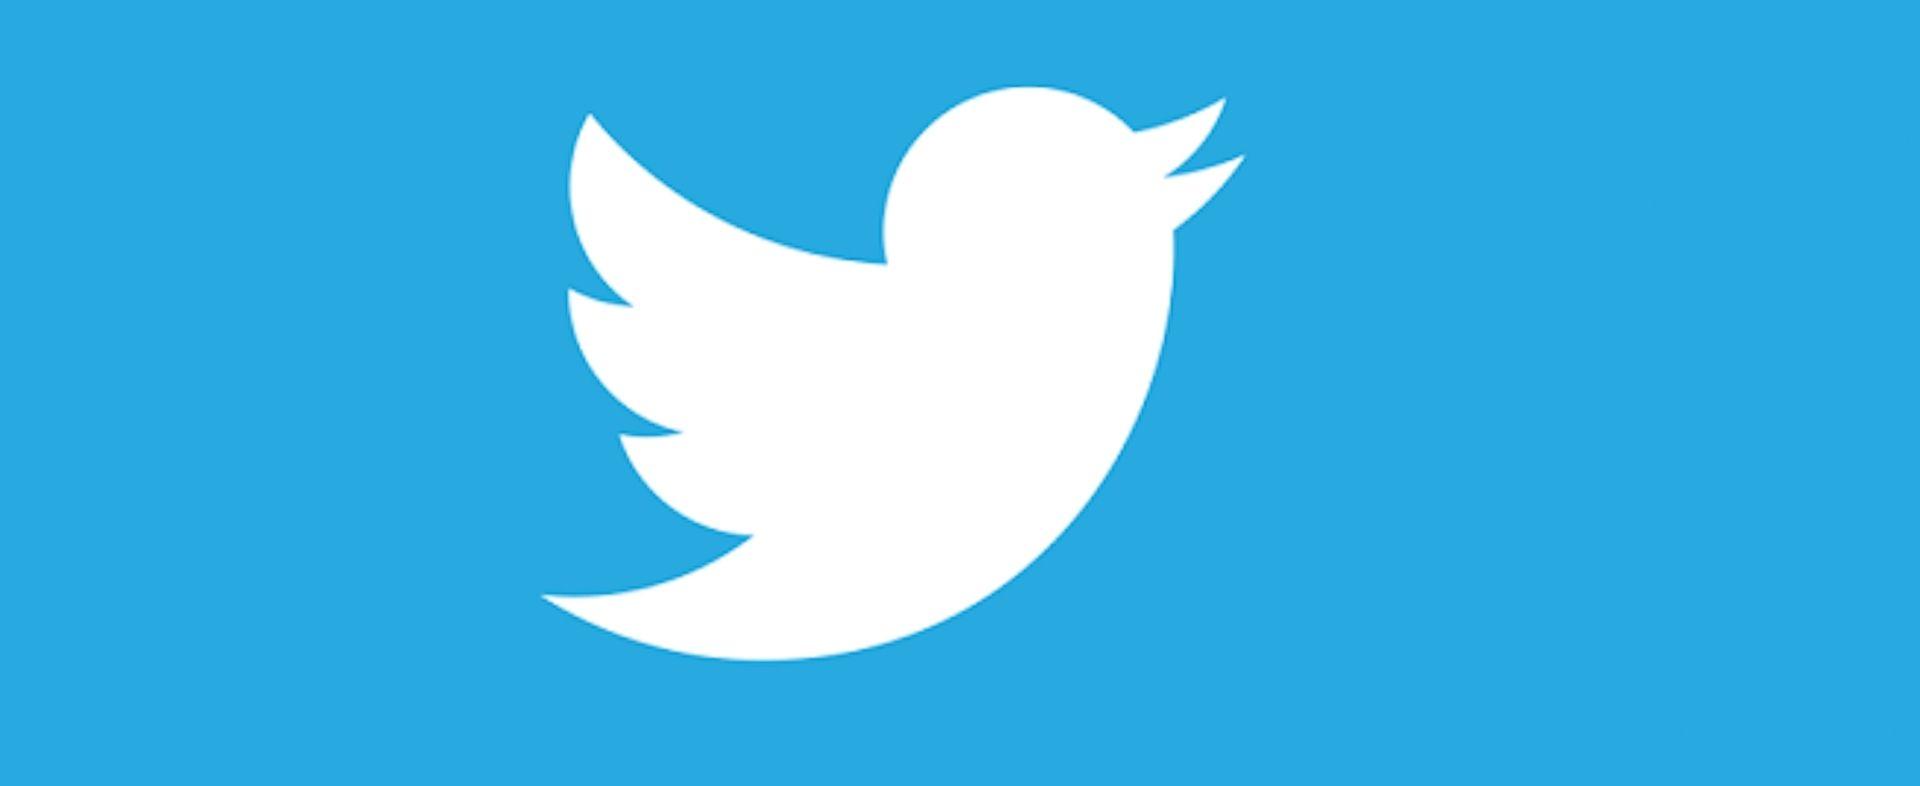 Twitter umożliwia udostępnianie Live Photos jako pliki GIF